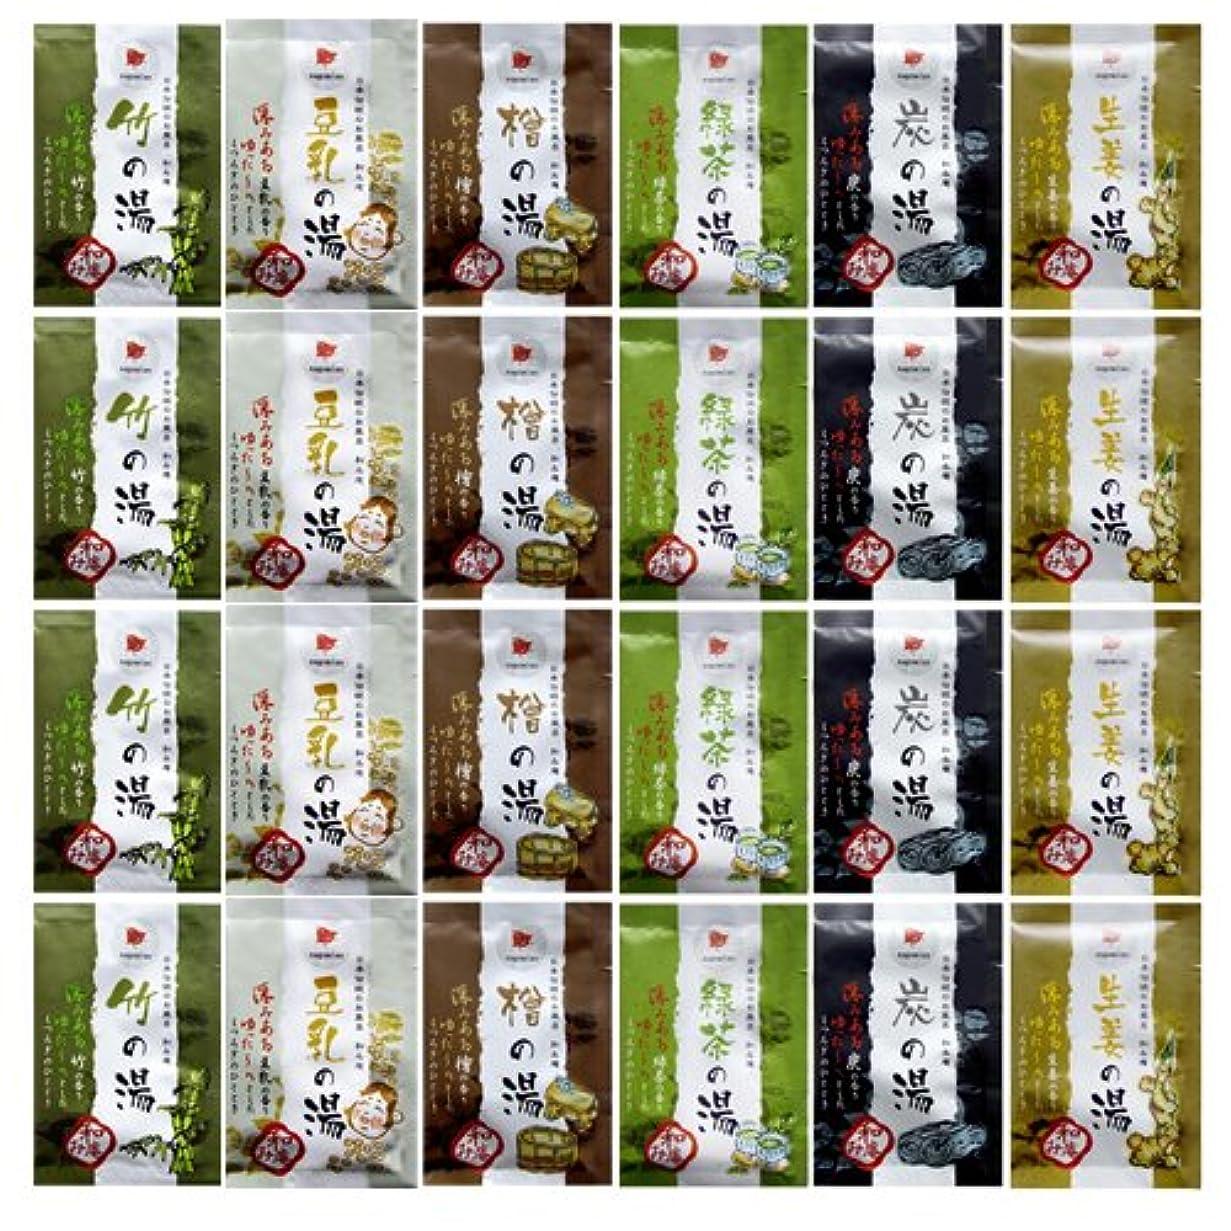 首尾一貫した体細胞爆発日本伝統のお風呂 和み庵 6種類セット (6種類×4セット)